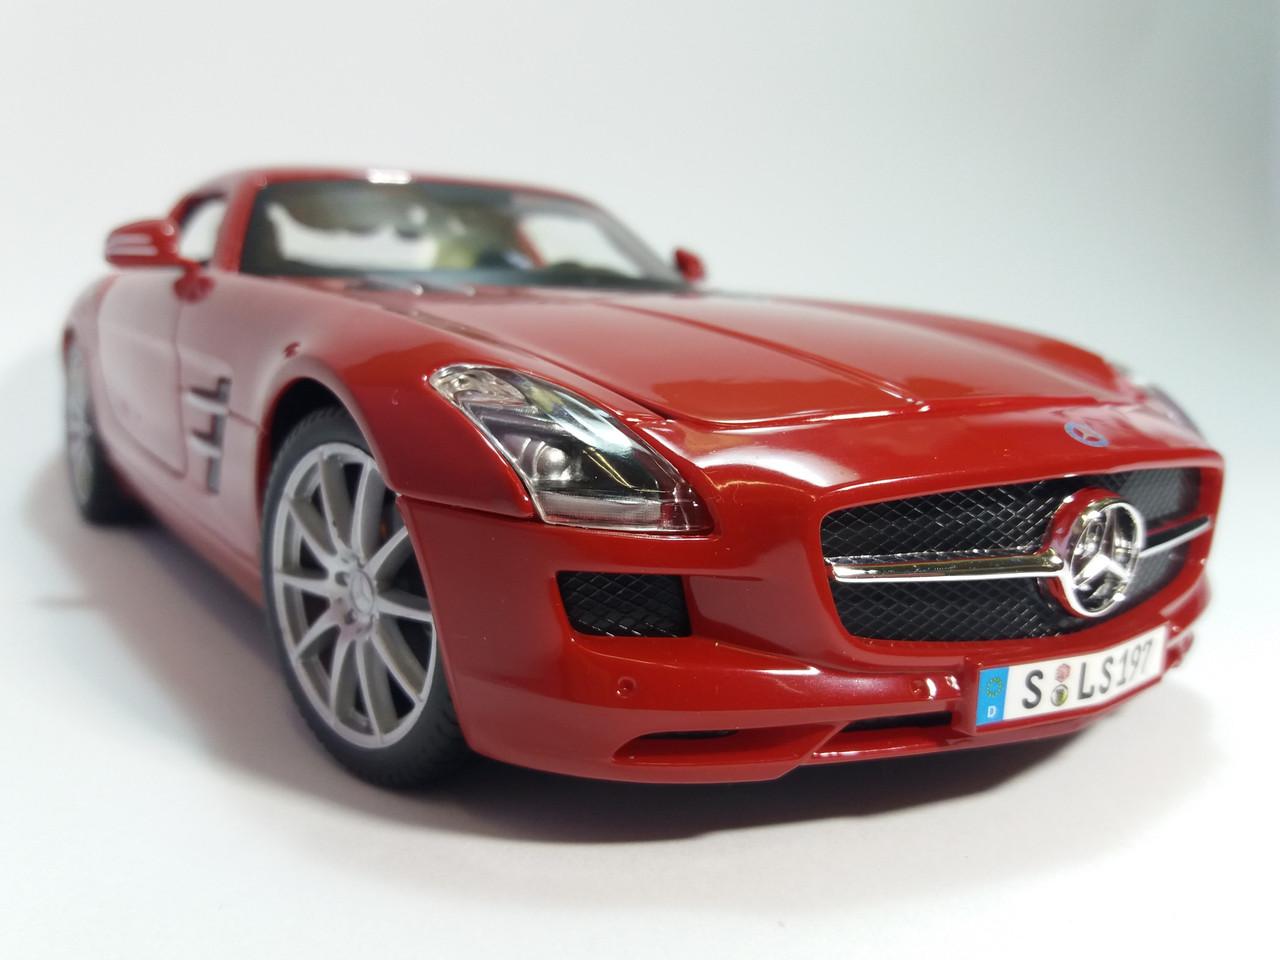 Автомодель Mercedes-Benz SLS AMG (1:18) красный металлик MAISTO